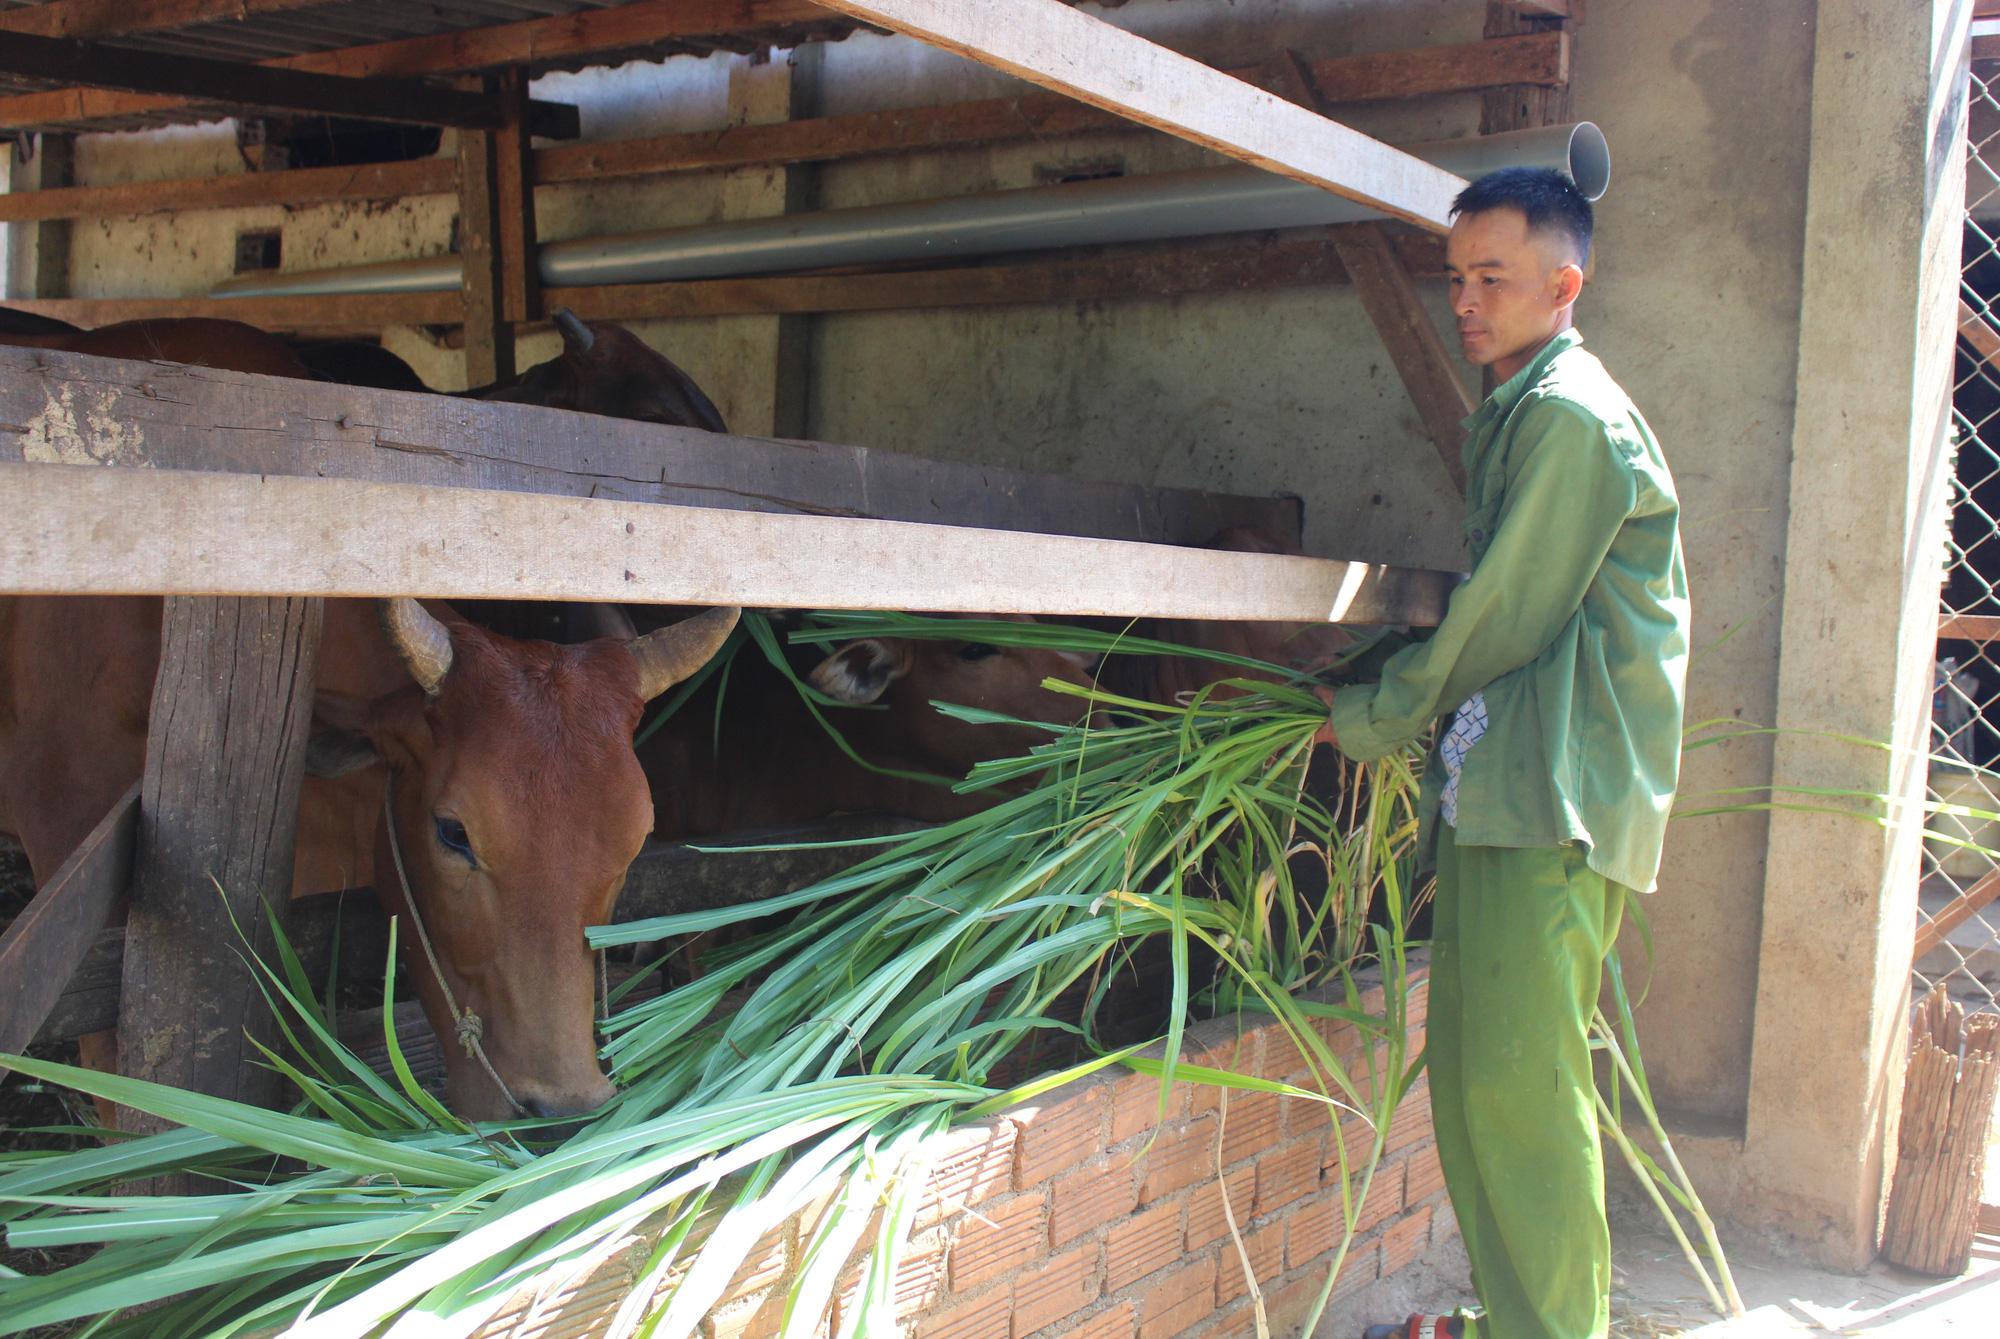 Bí quyết để đàn bò khỏe mạnh giữa mùa hạn - Ảnh 1.